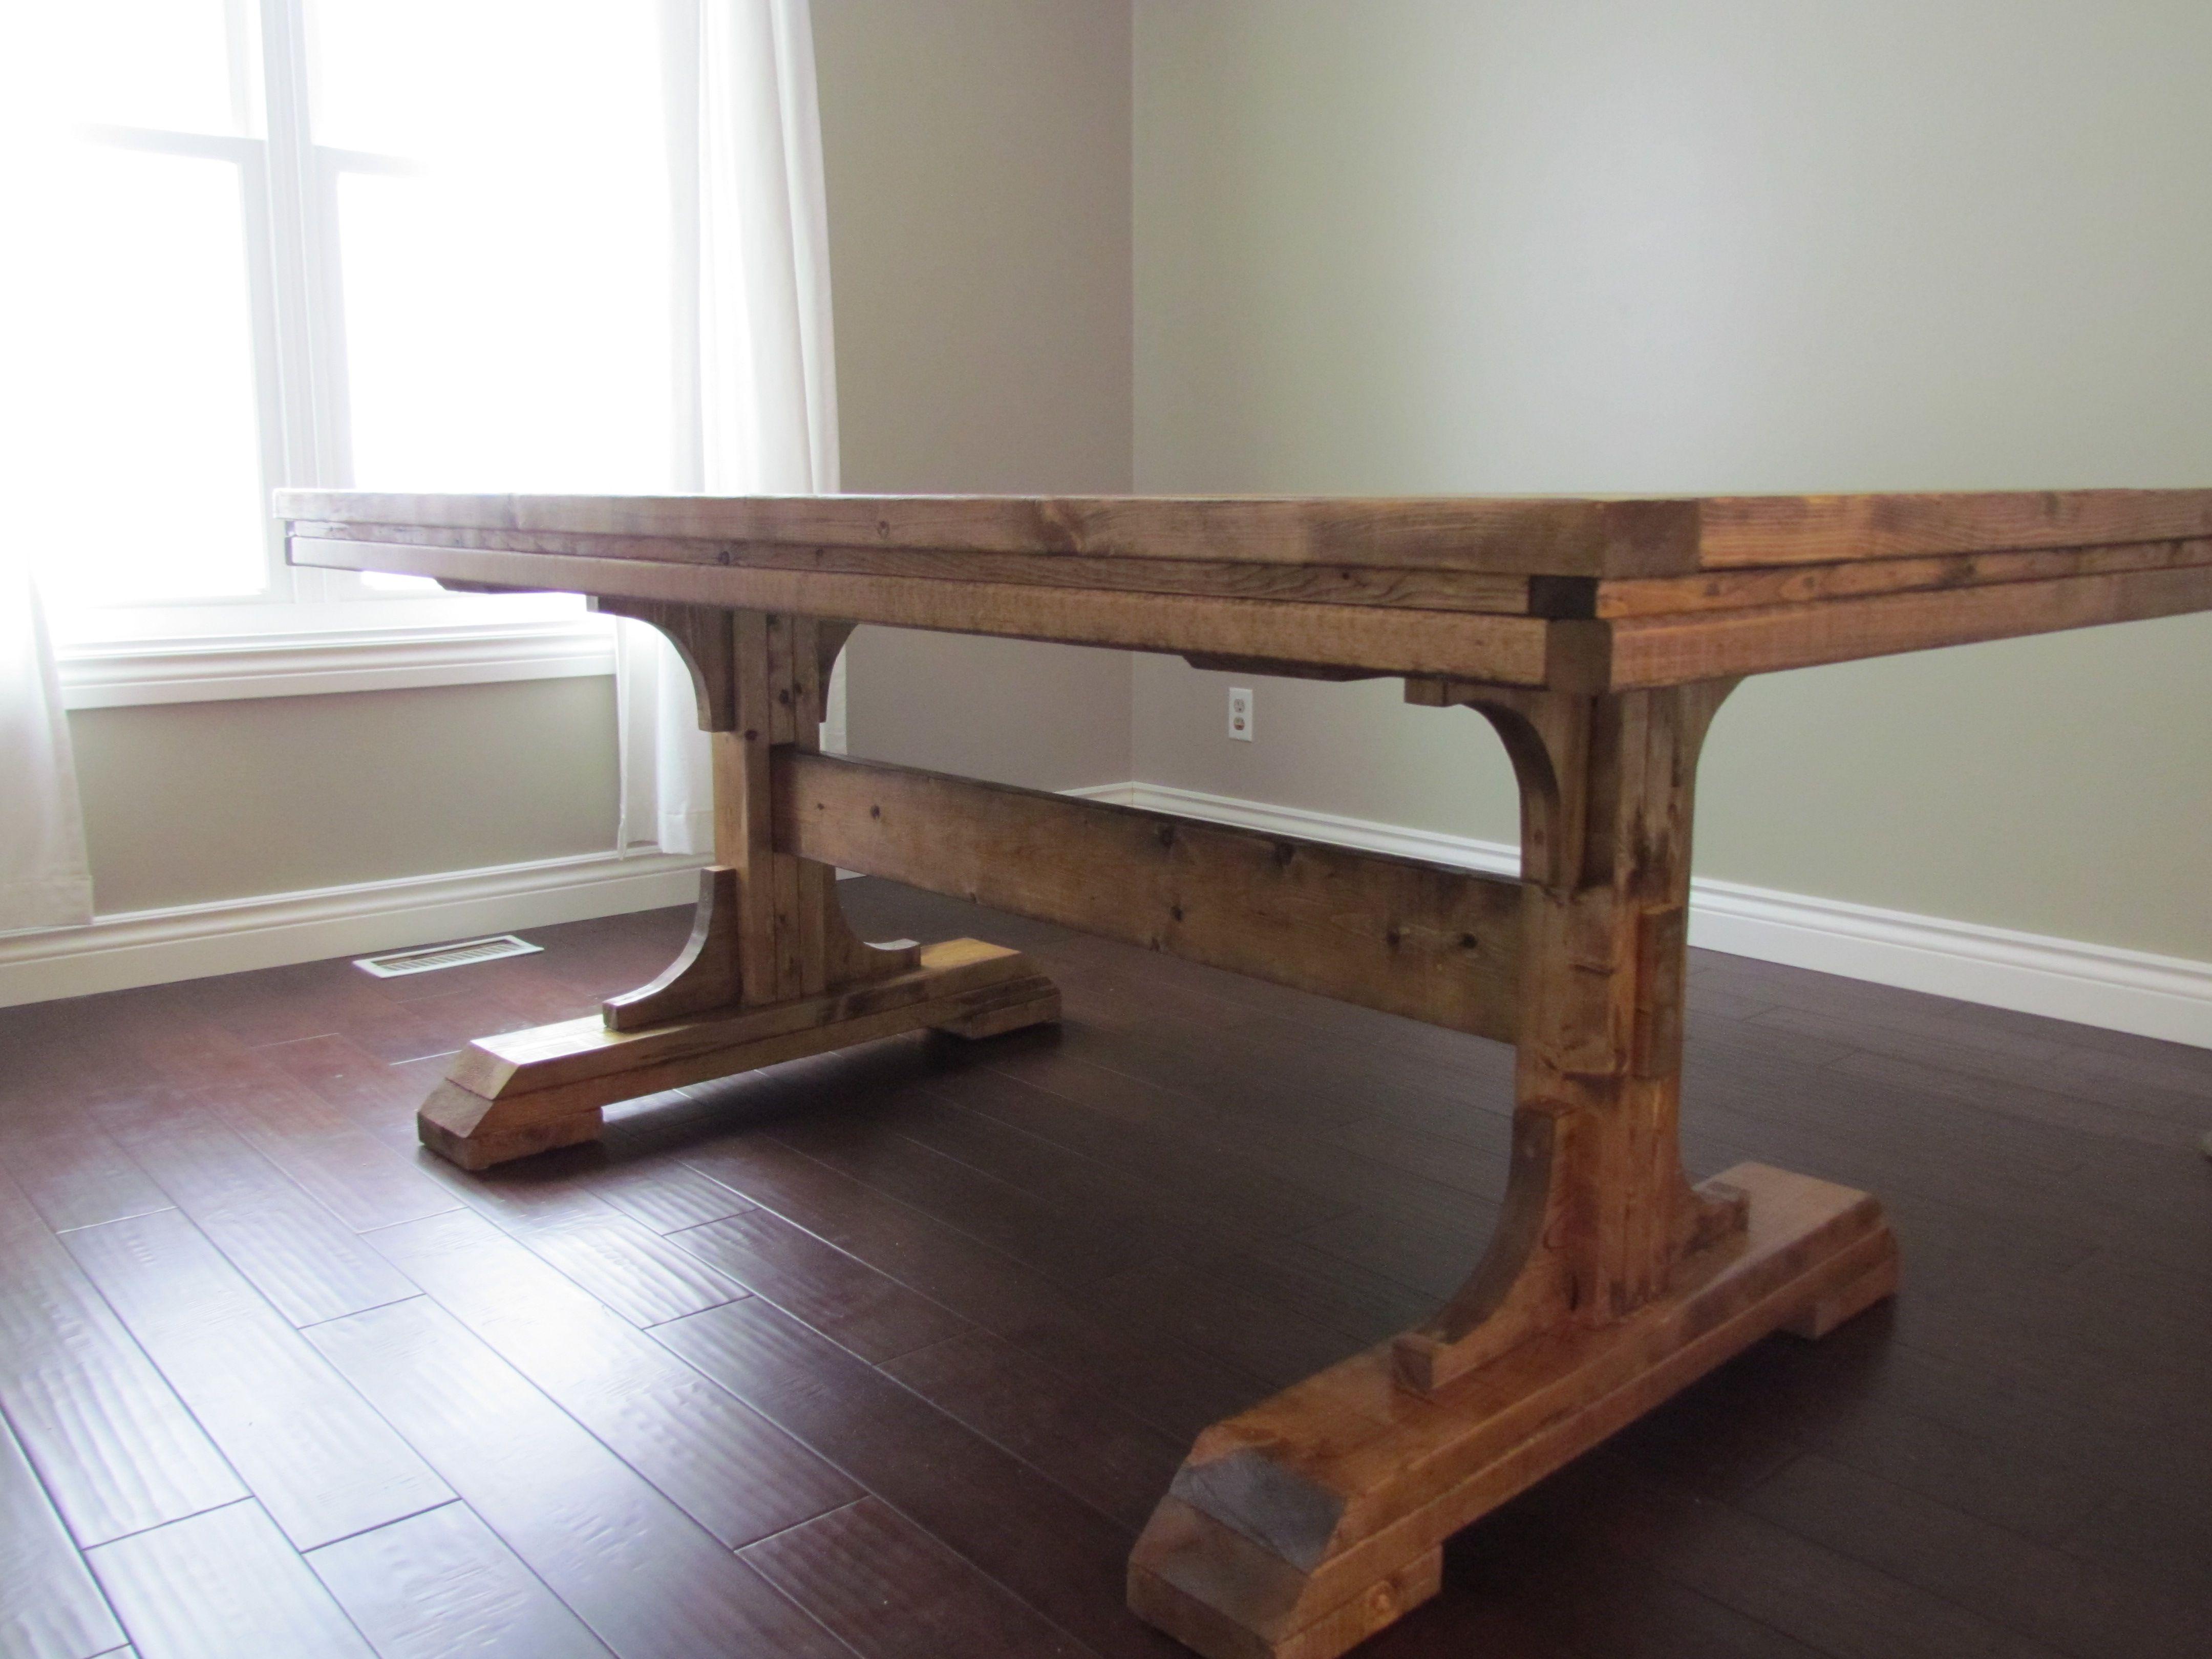 Double Pedestal Farmhouse Table Farmhouse Table Legs Farmhouse Table With Bench Double Pedestal Dining Table